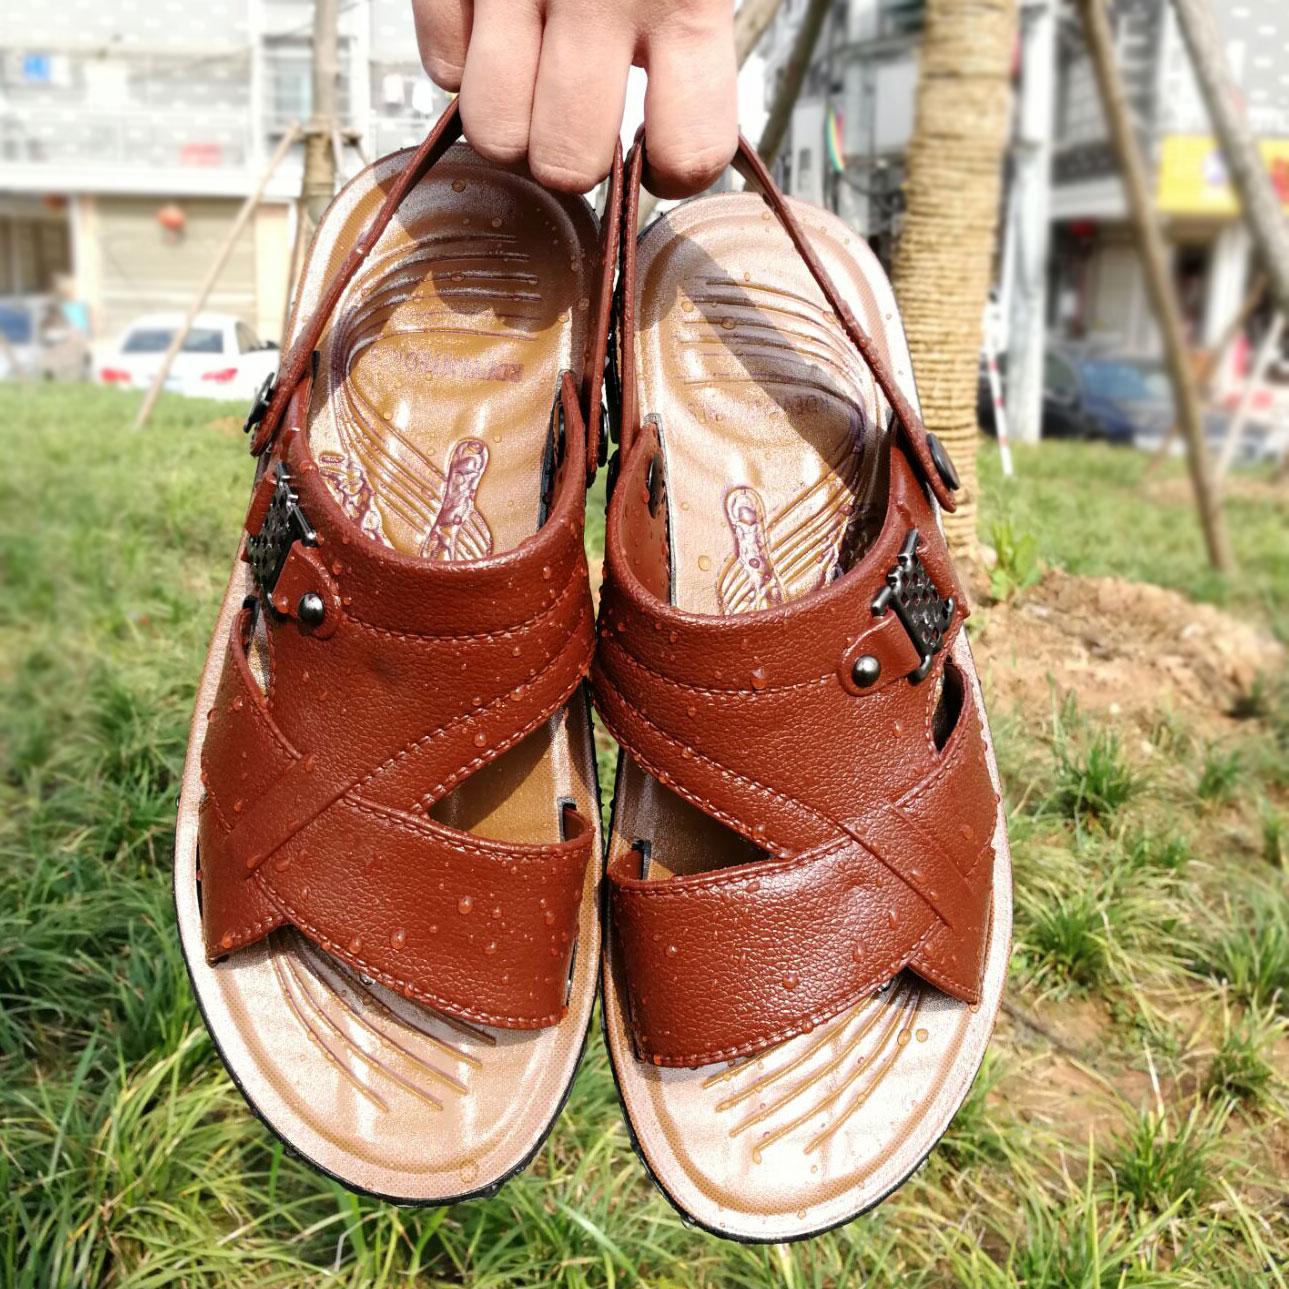 夏季男士凉鞋两用休闲鞋透气沙滩鞋防滑夏天凉拖鞋8